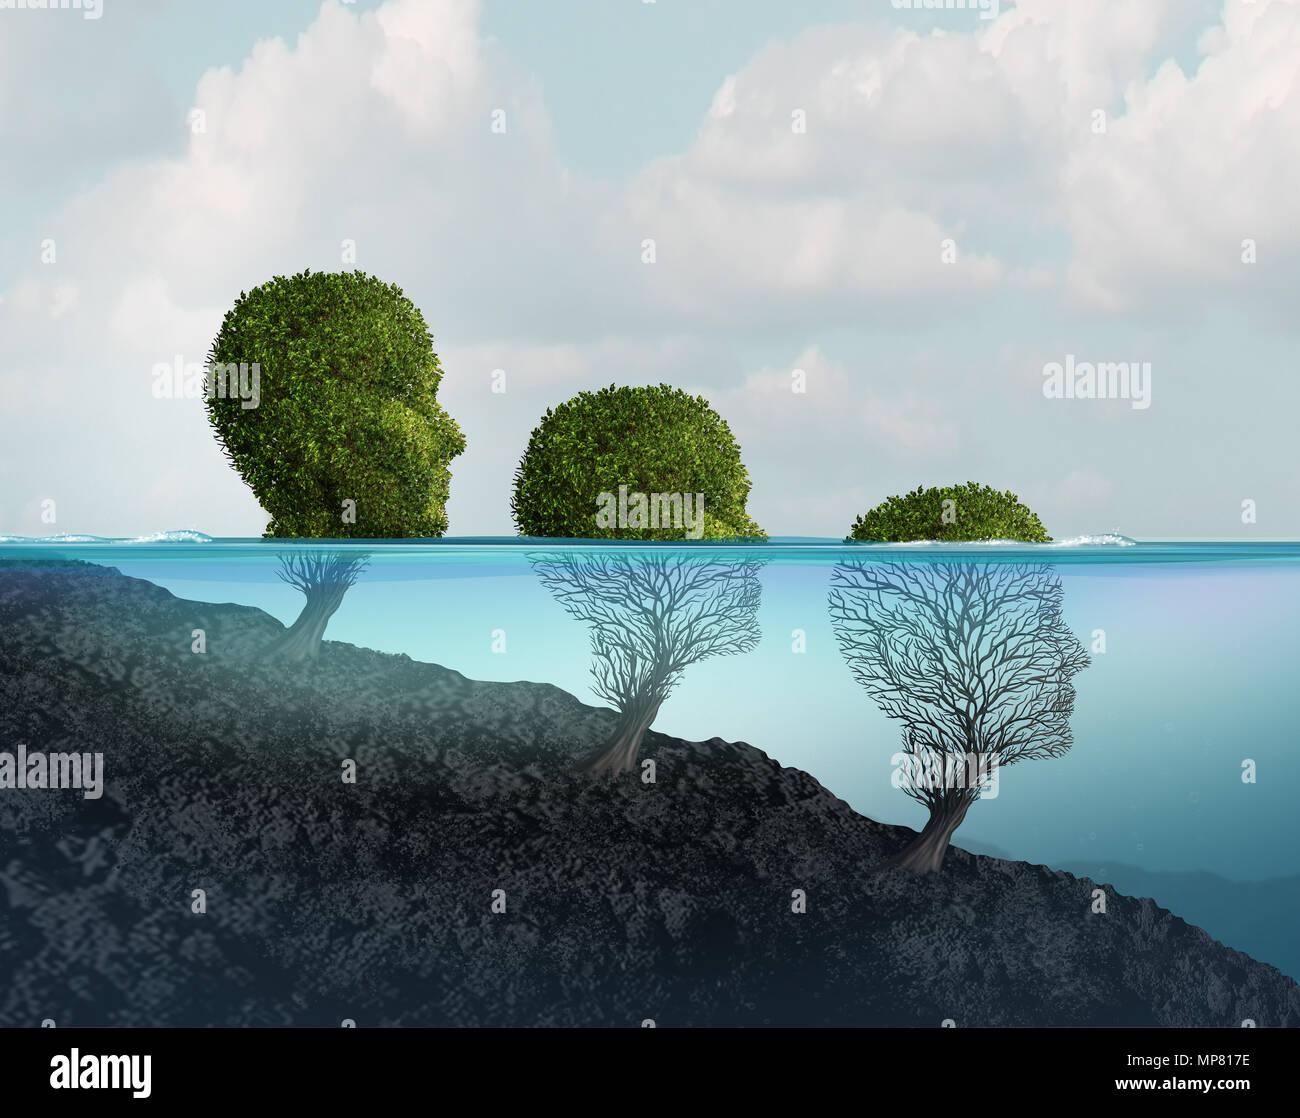 Psychische Gesundheit und psychische Bedrängnis und psychiatrische Störung Konzept mit 3D-Illustration Elemente. Stockbild